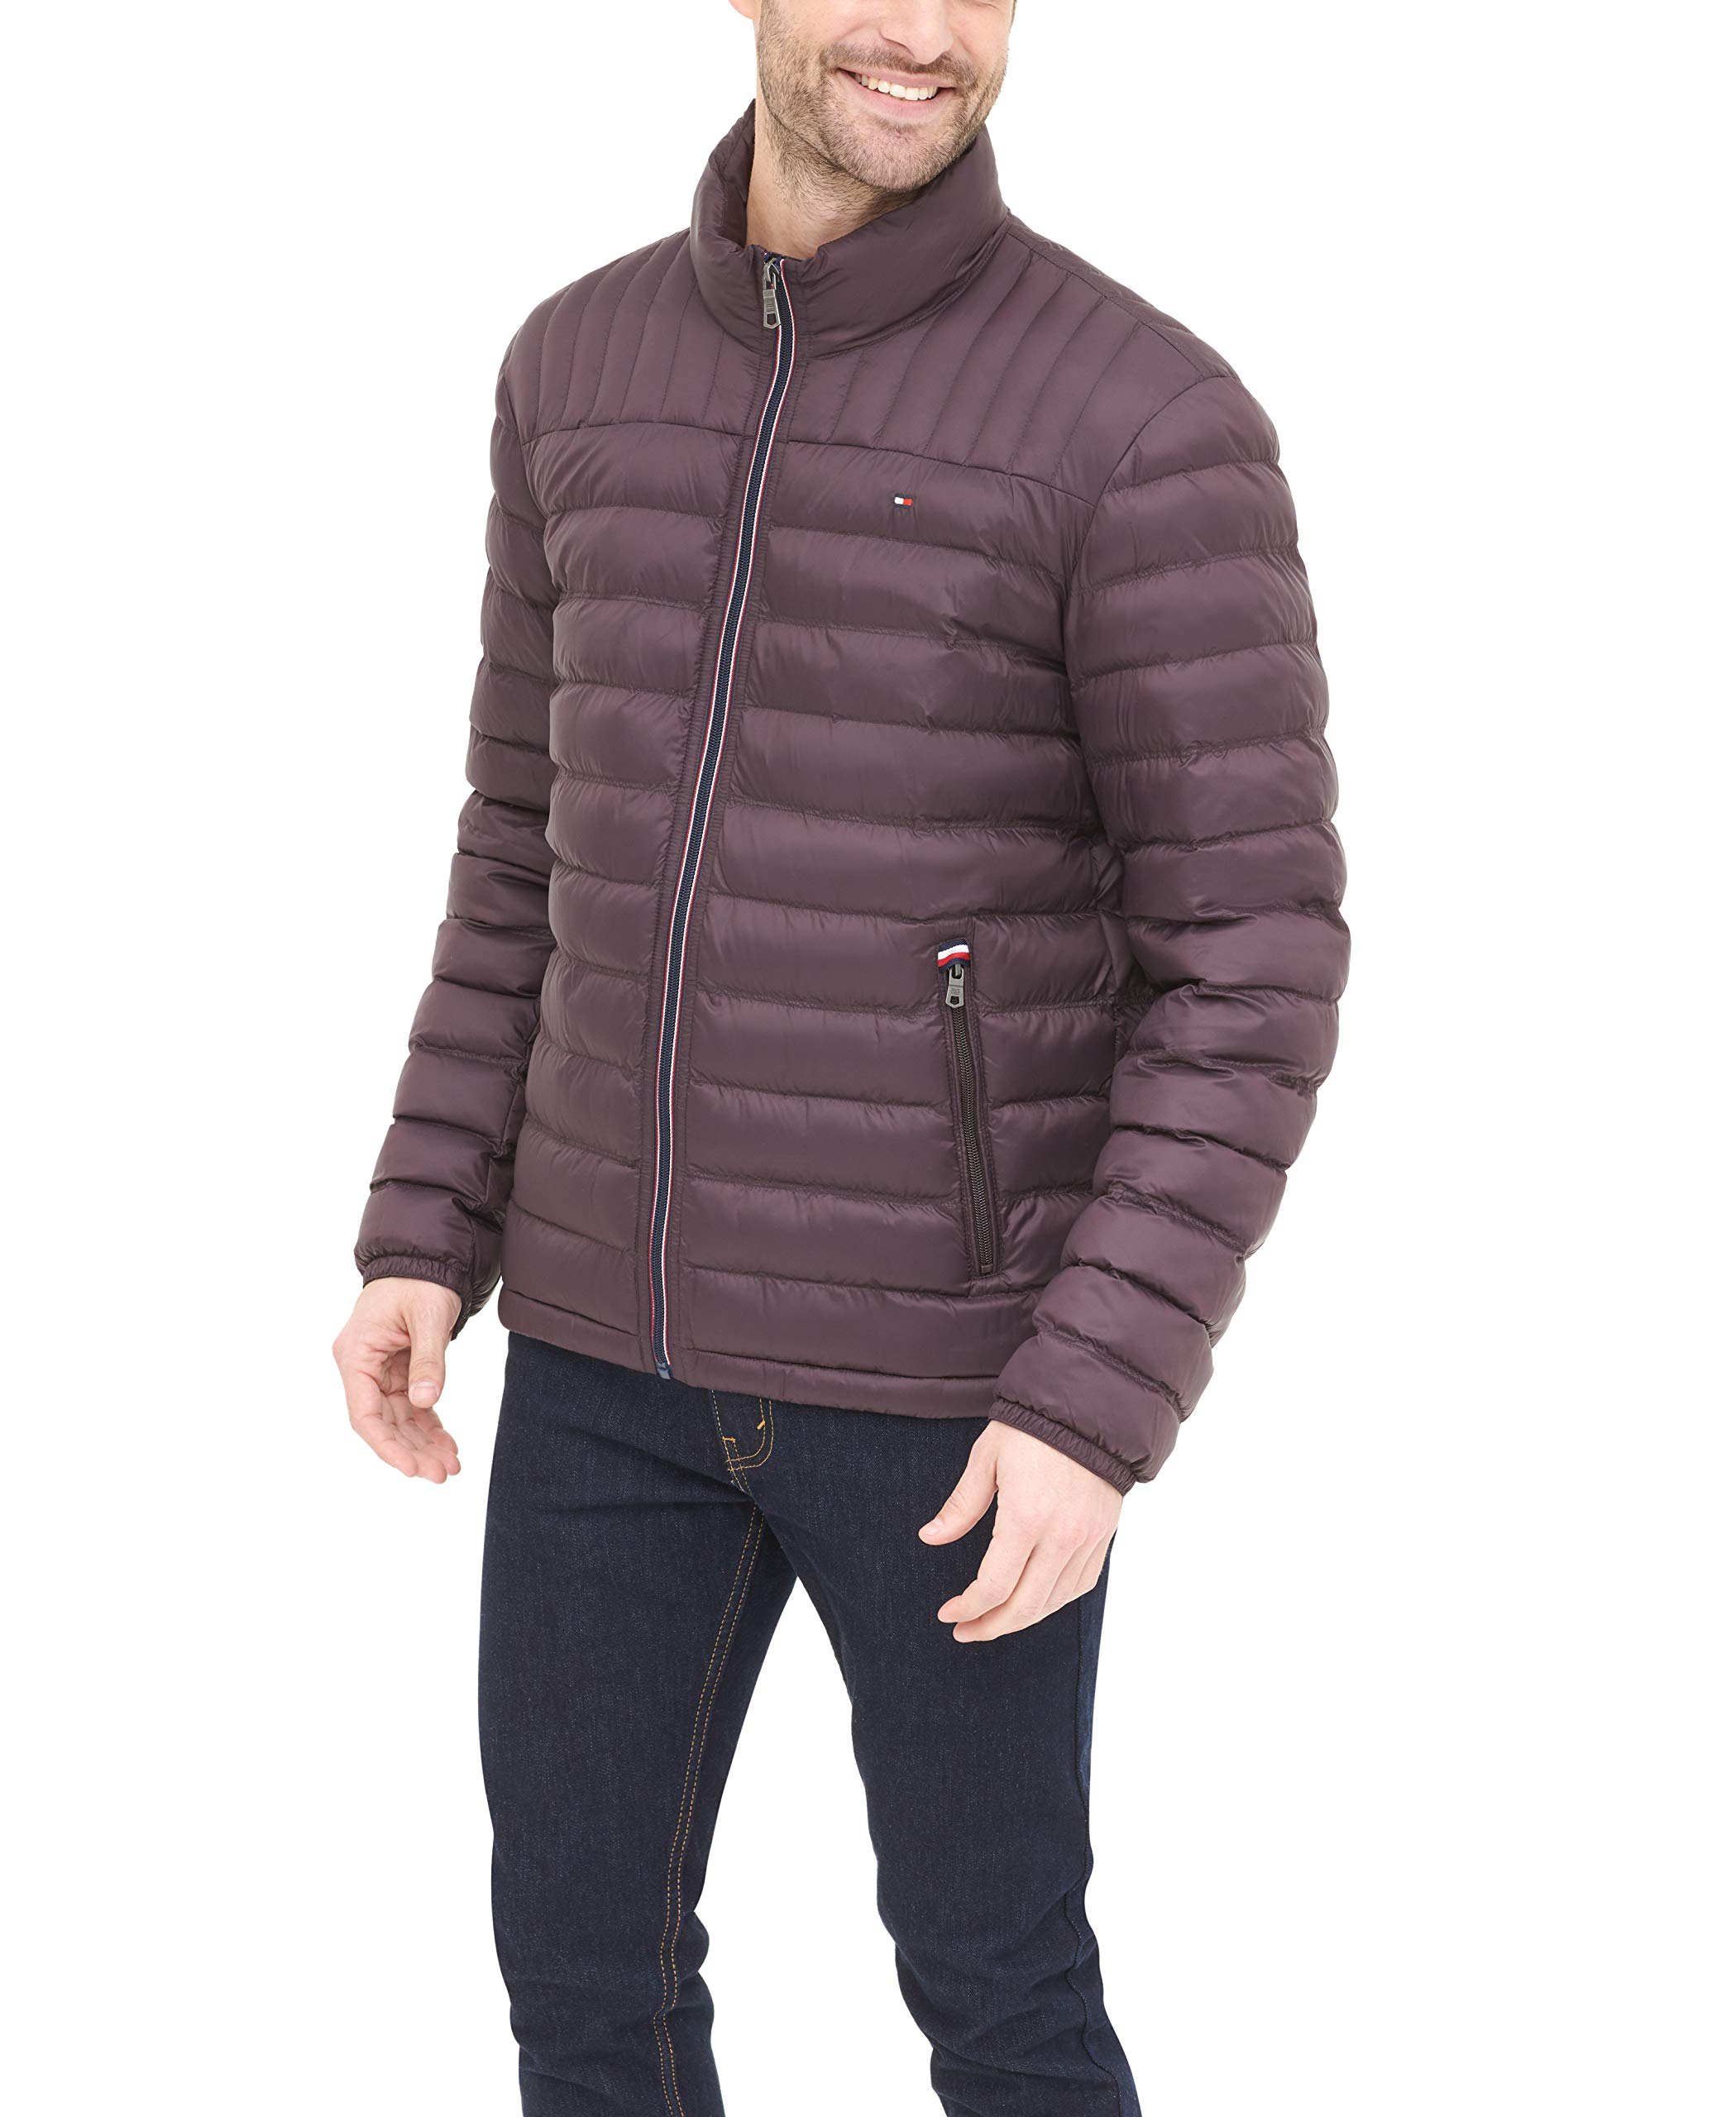 Tommy Hilfiger Men's Ultra Loft Packable Puffer Jacket, Port, Large